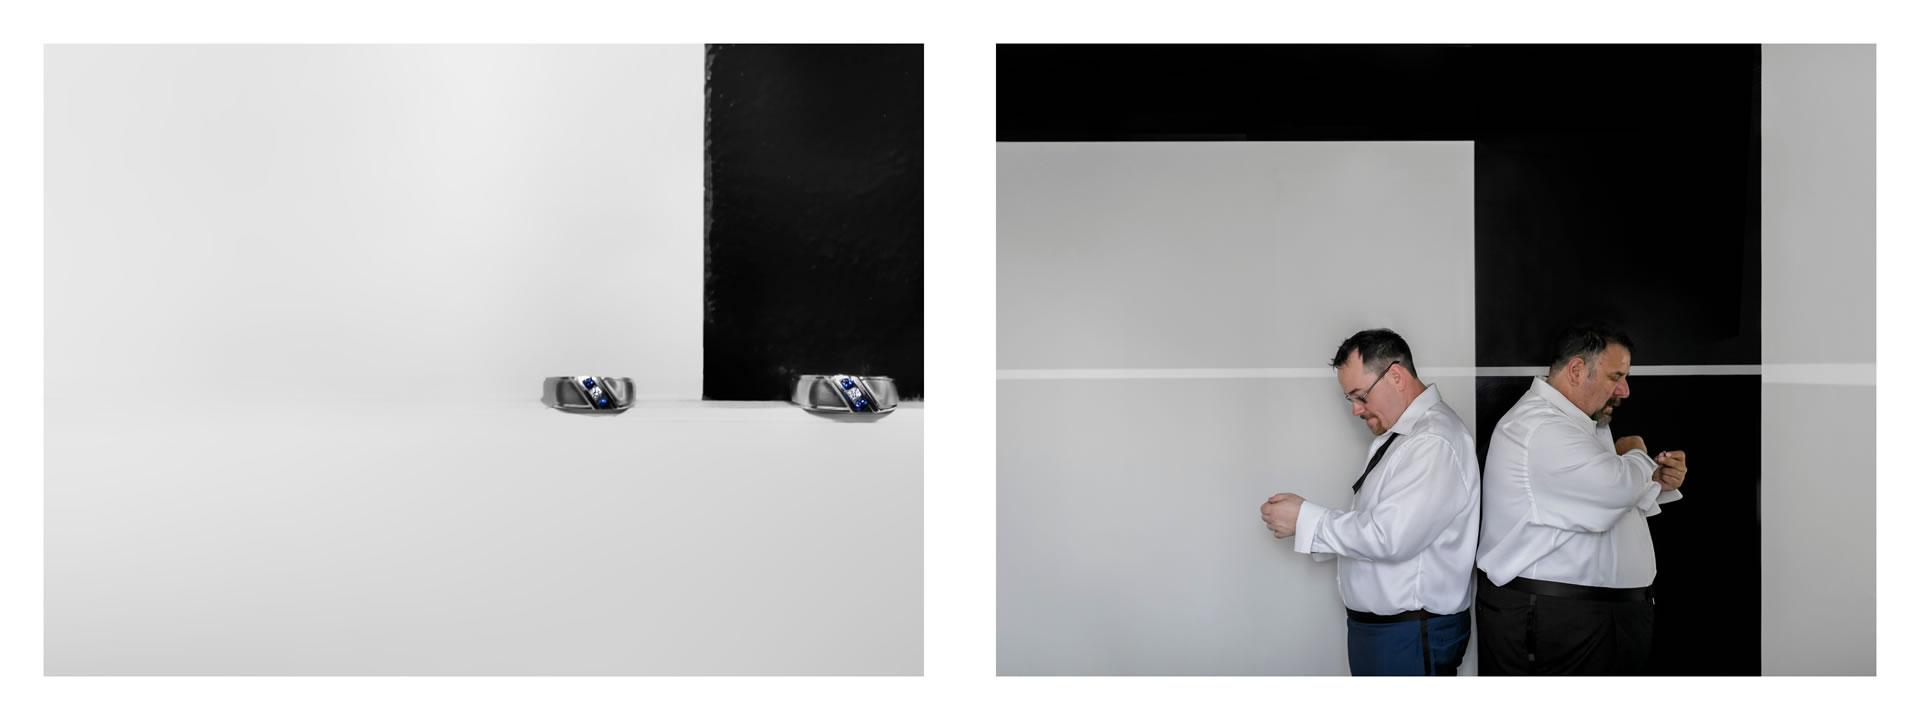 same-sex-love-in-portofino-david-bastianoni-photographer-00007 - 7 :: Wedding in Portofino // WPPI 2018 // The man that I love :: Luxury wedding photography - 6 :: same-sex-love-in-portofino-david-bastianoni-photographer-00007 - 7